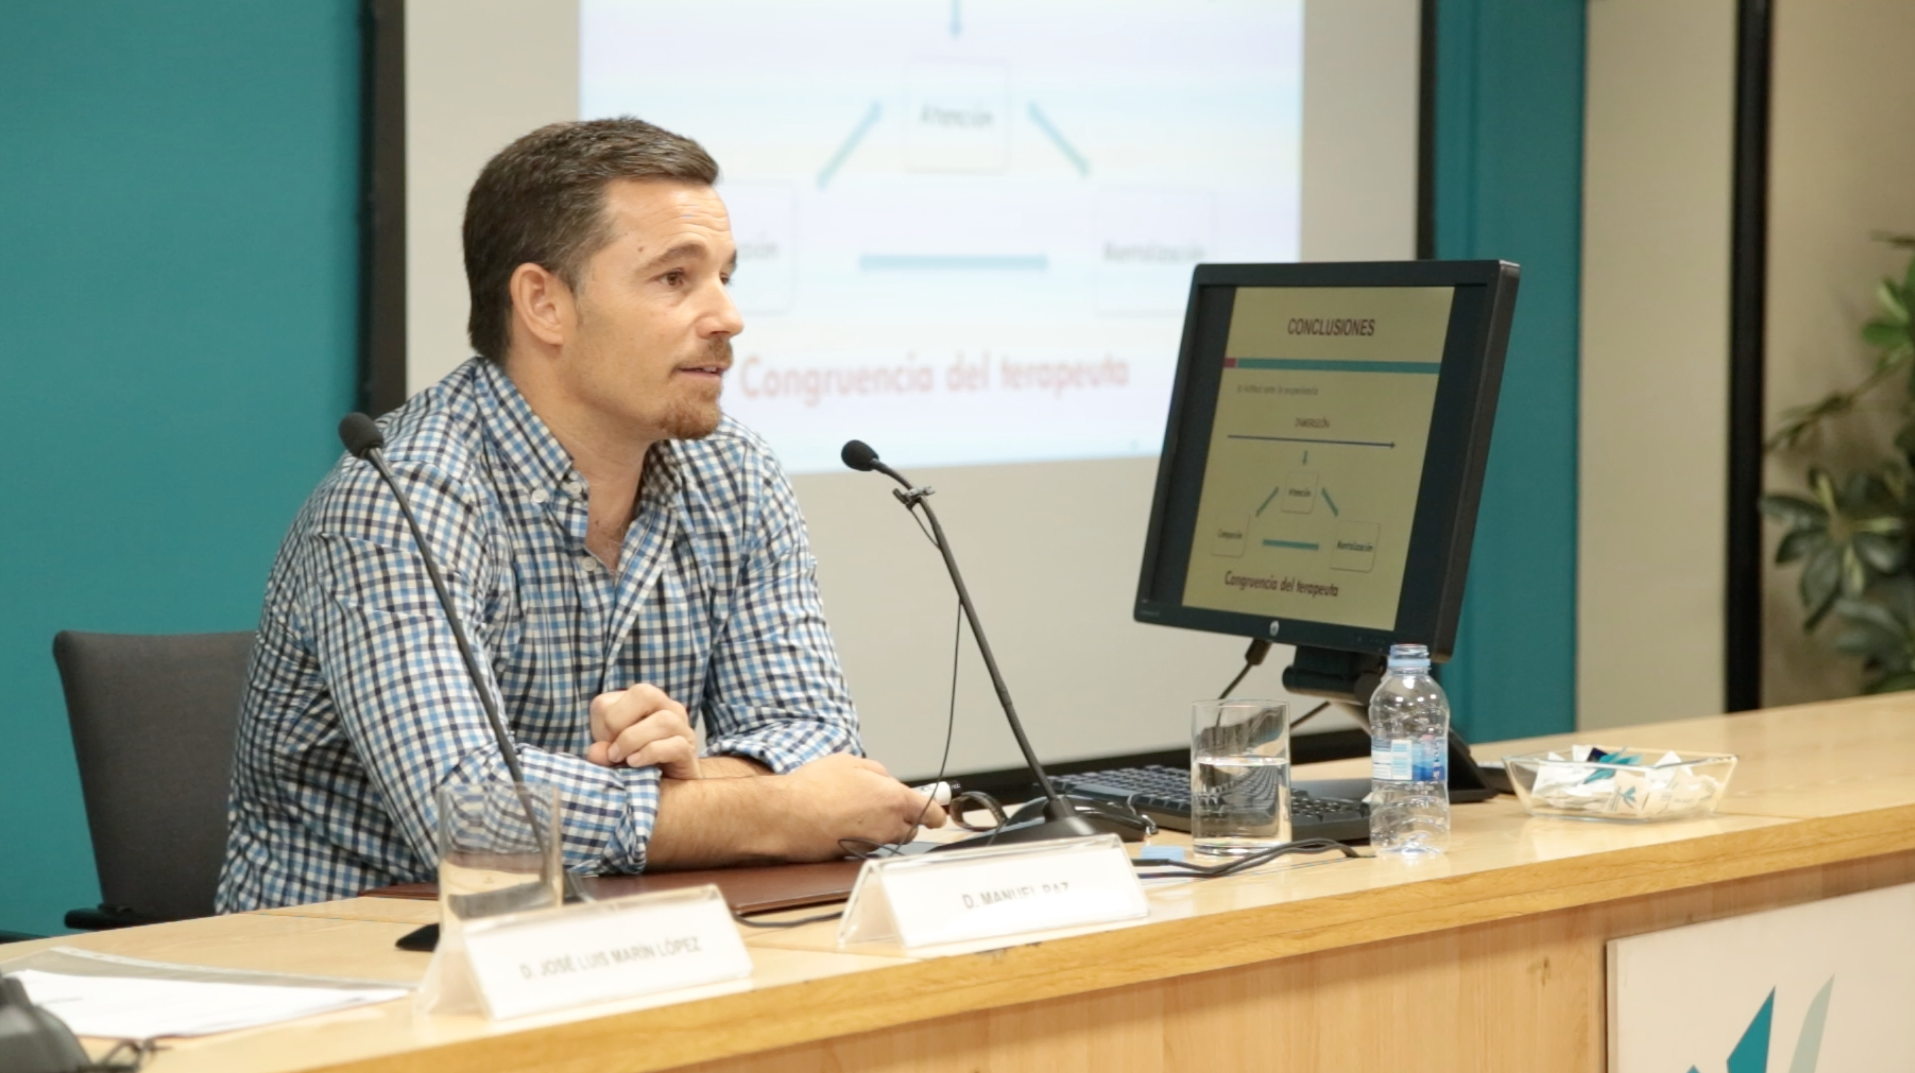 Encuentros de la Federación de Asociaciones de Psicólogos y Médicos Psicoterapeutas de España - Ipsimed